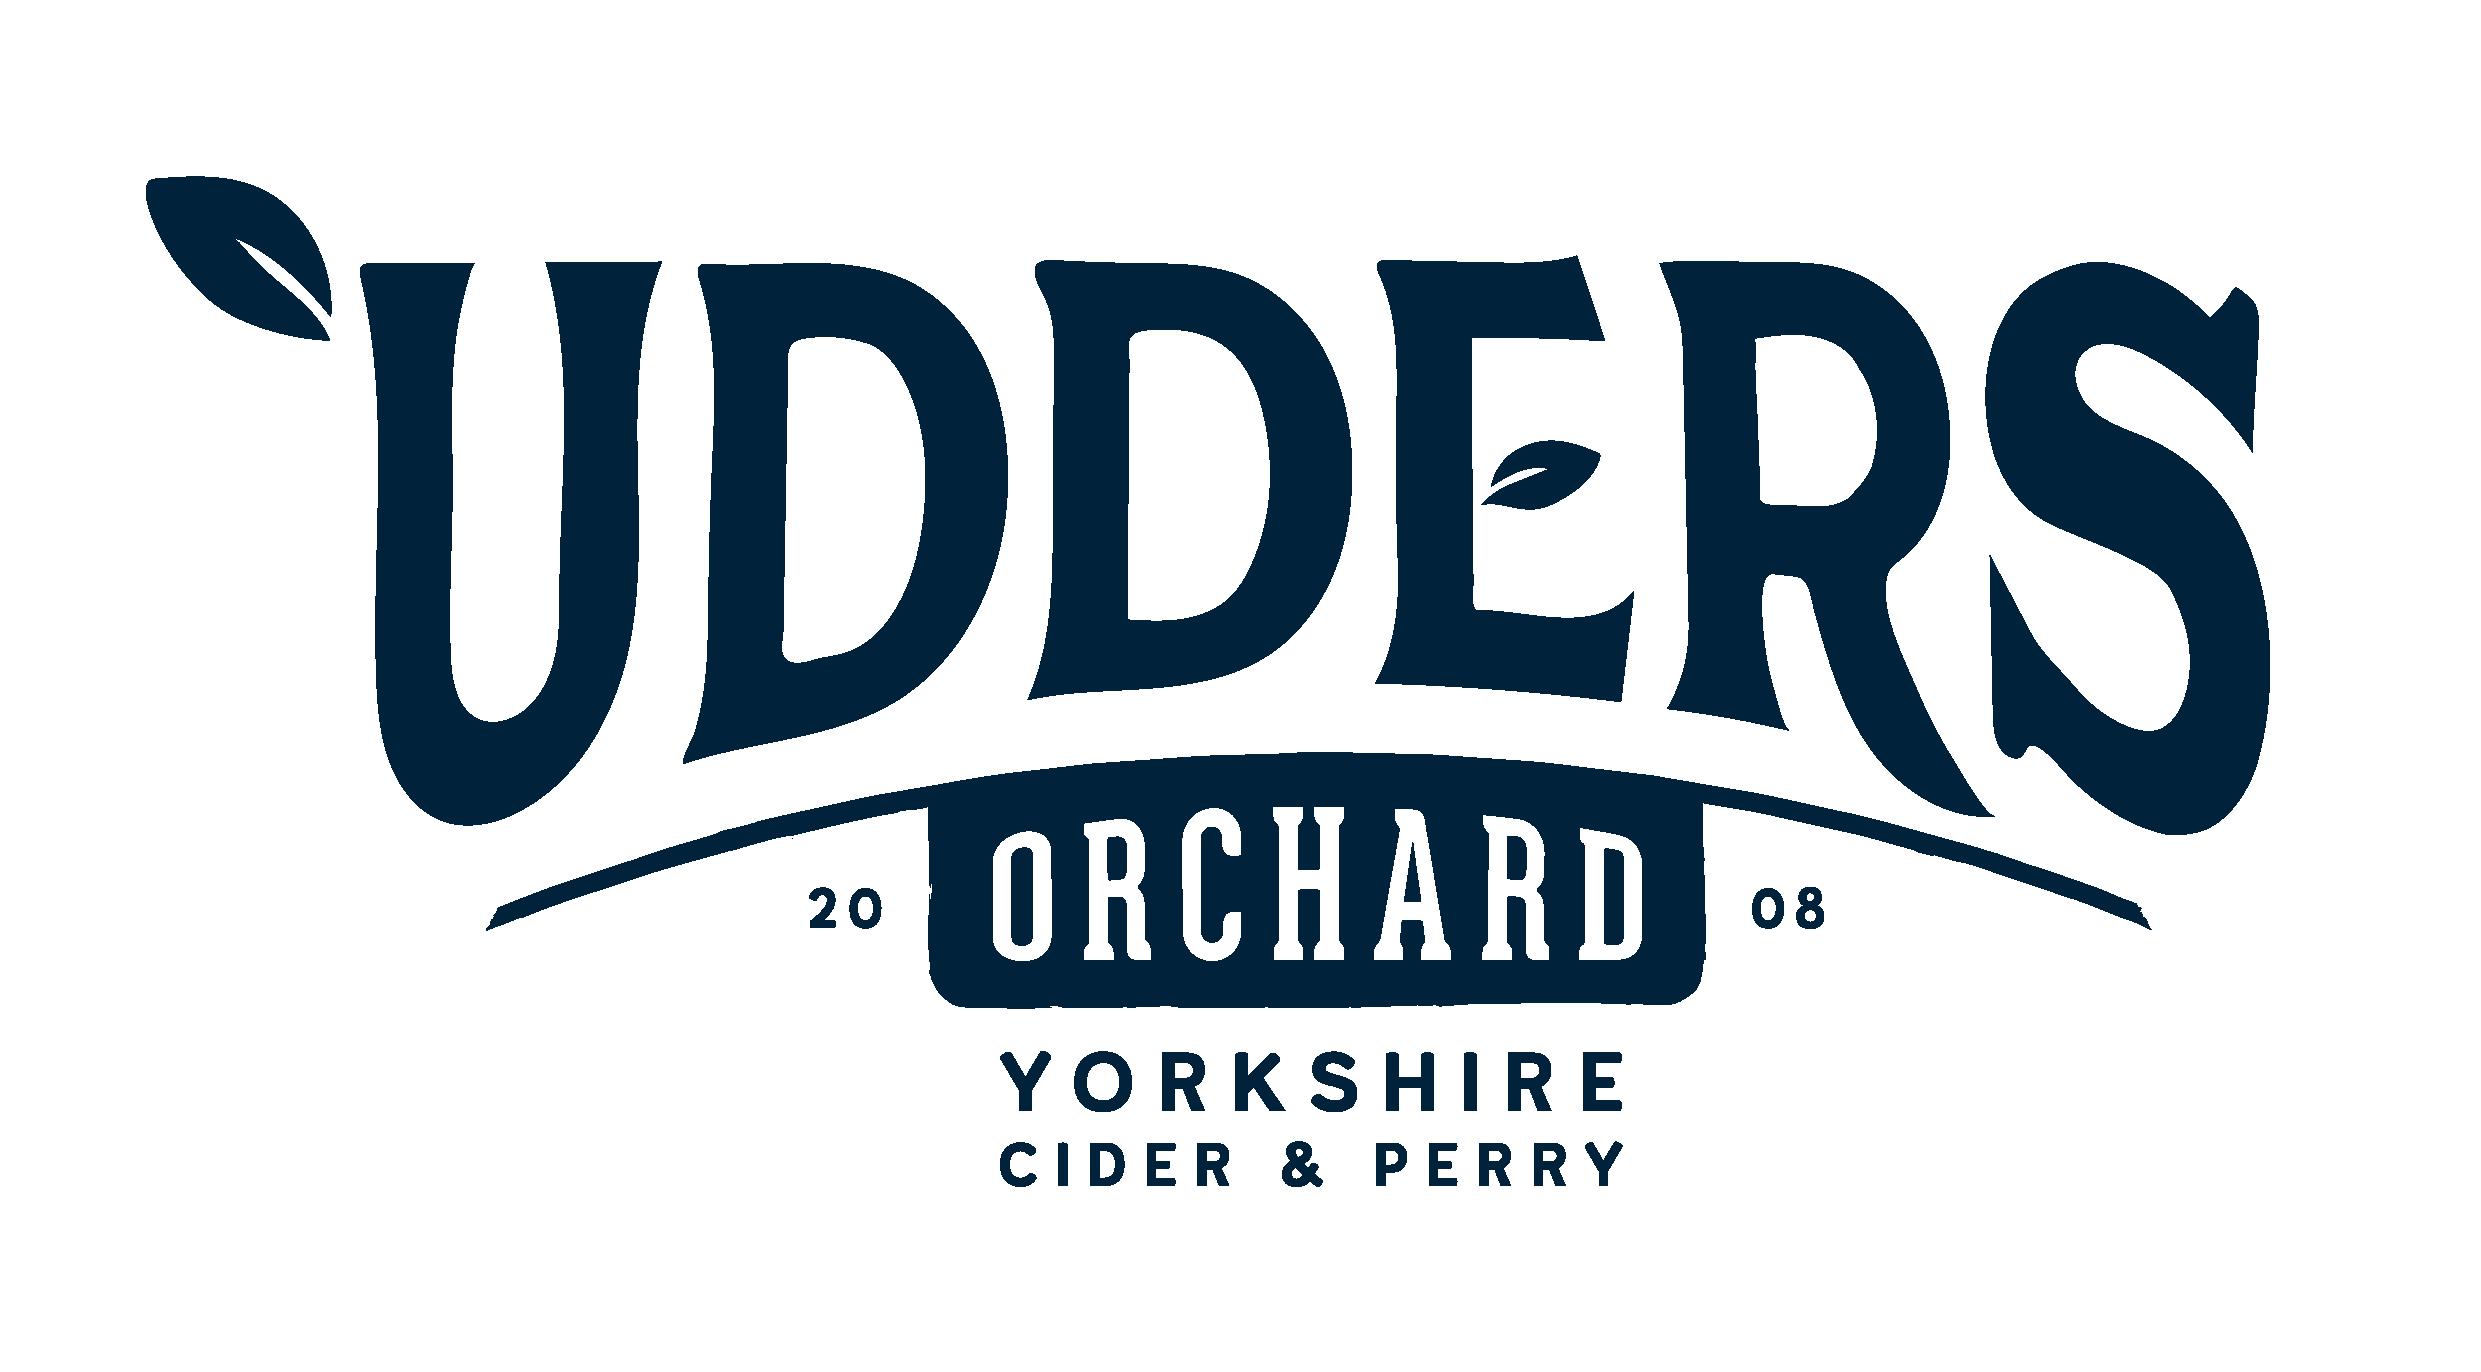 'Udders Orchard Cider Co